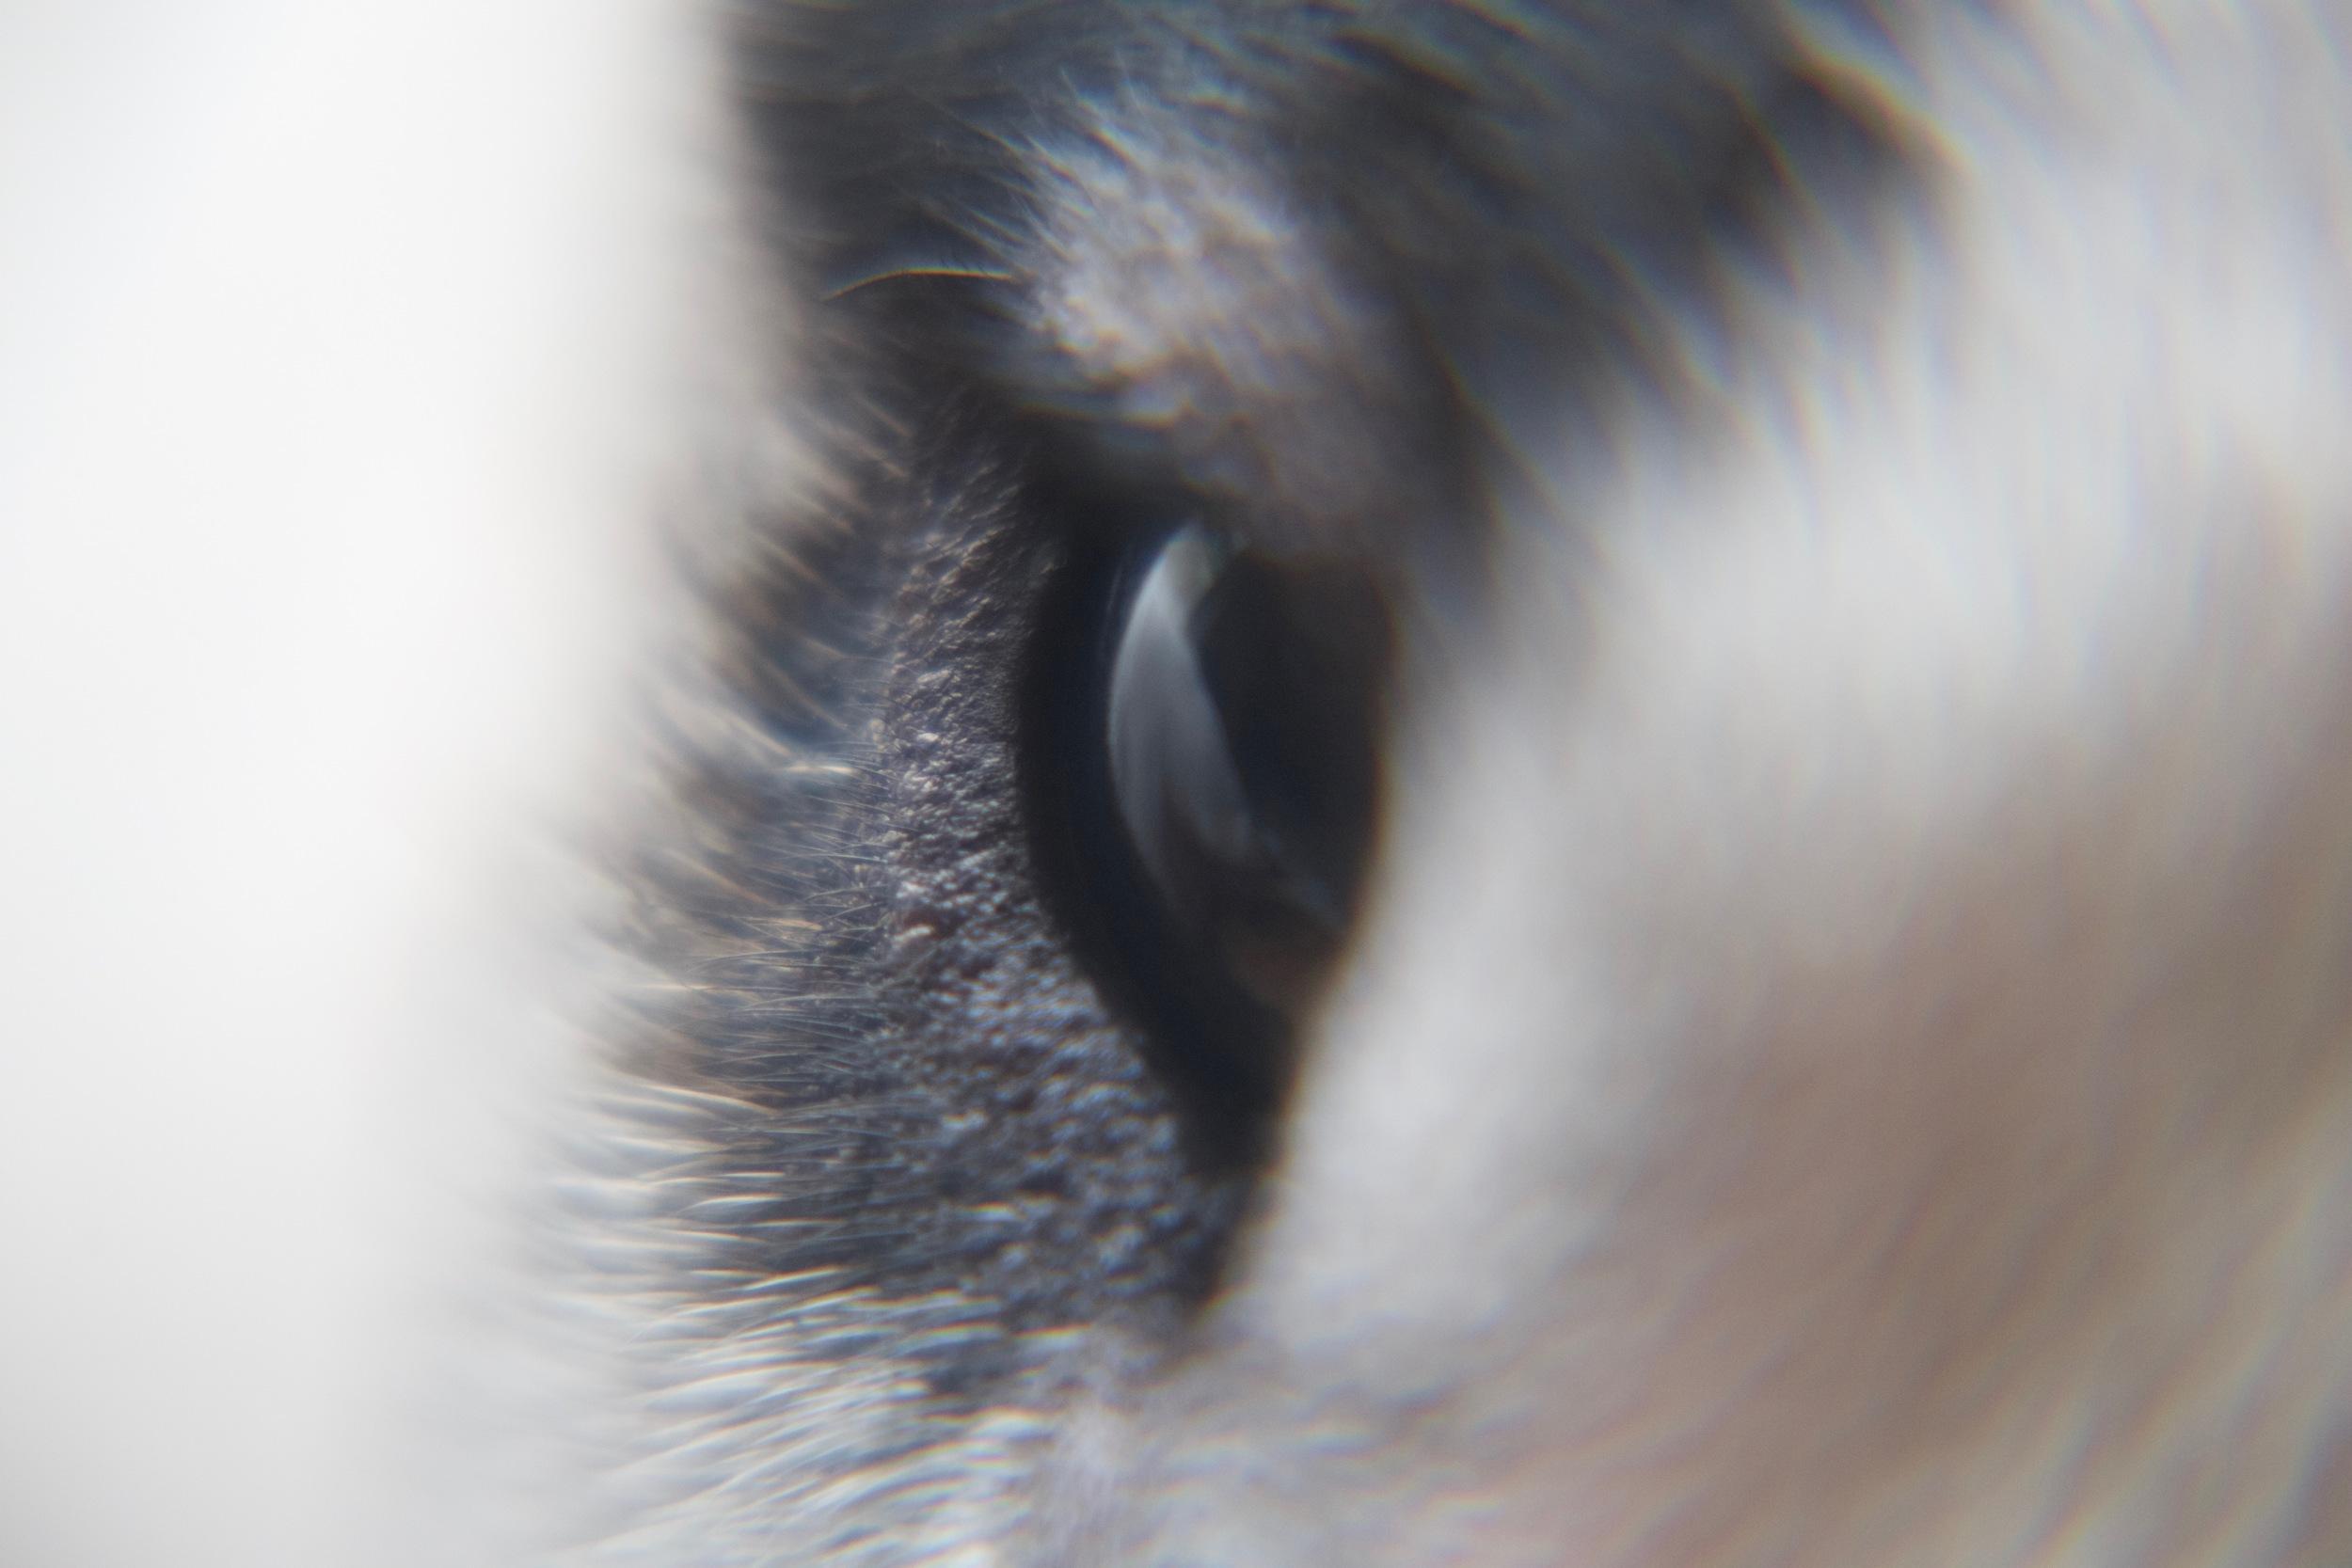 Delicious Bull Terrier Eye